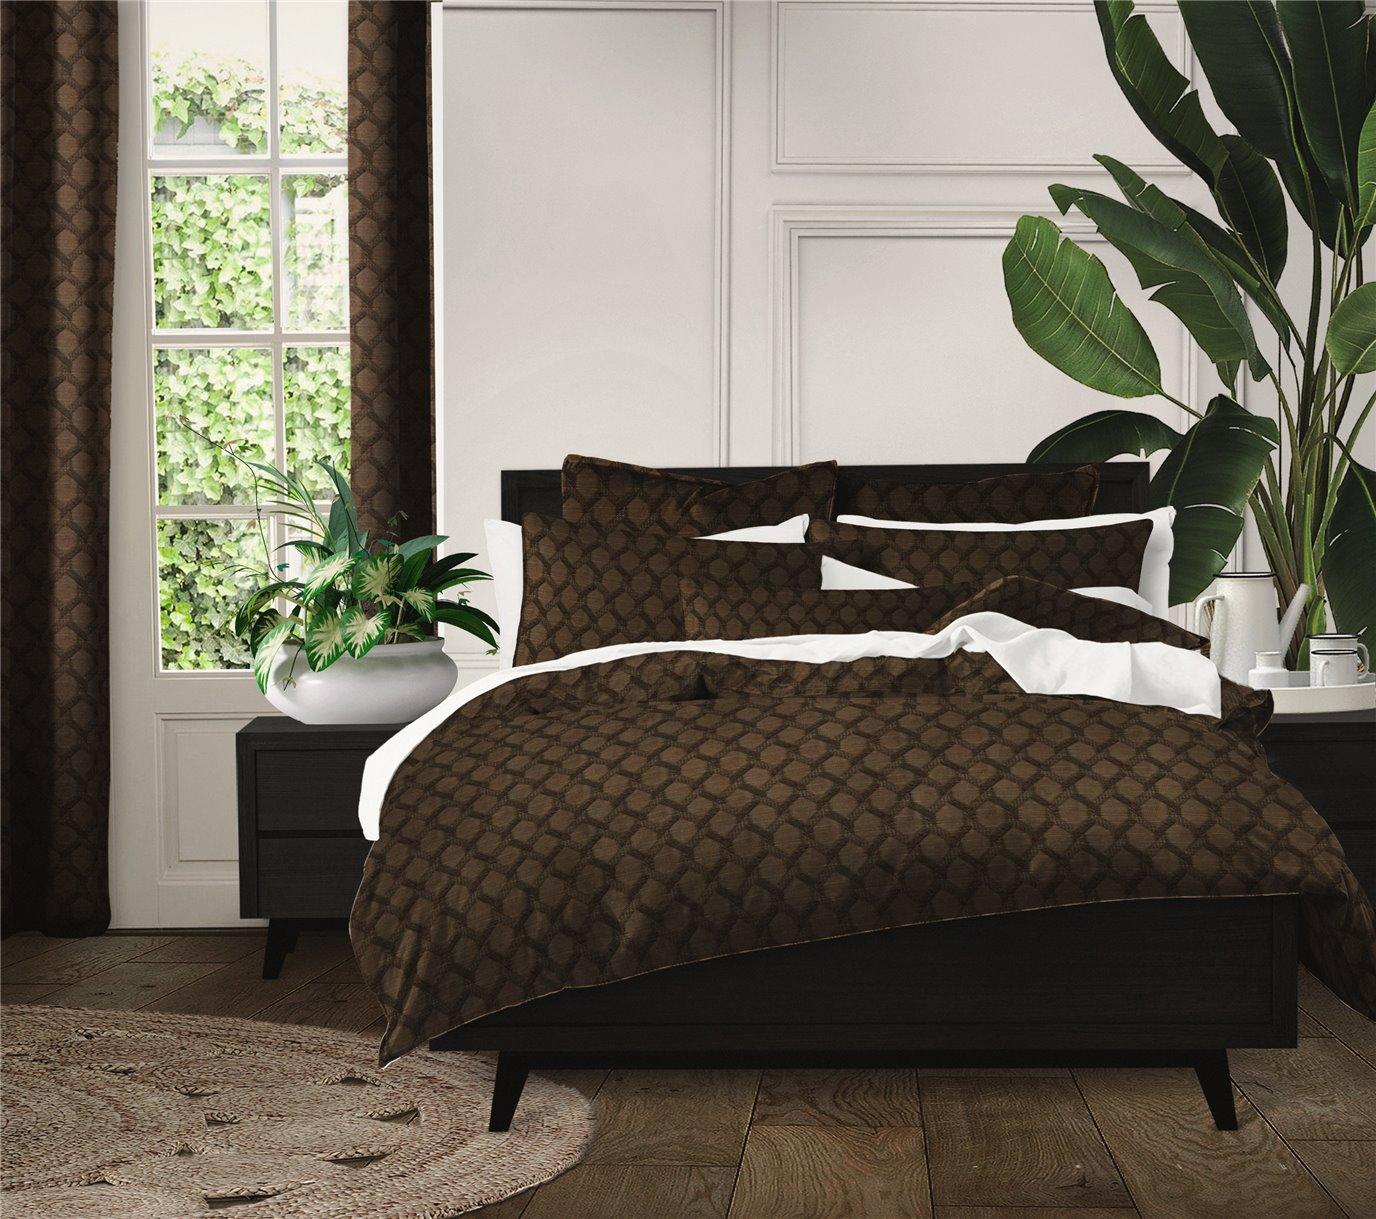 Malden Chocolate Comforter Set - Queen